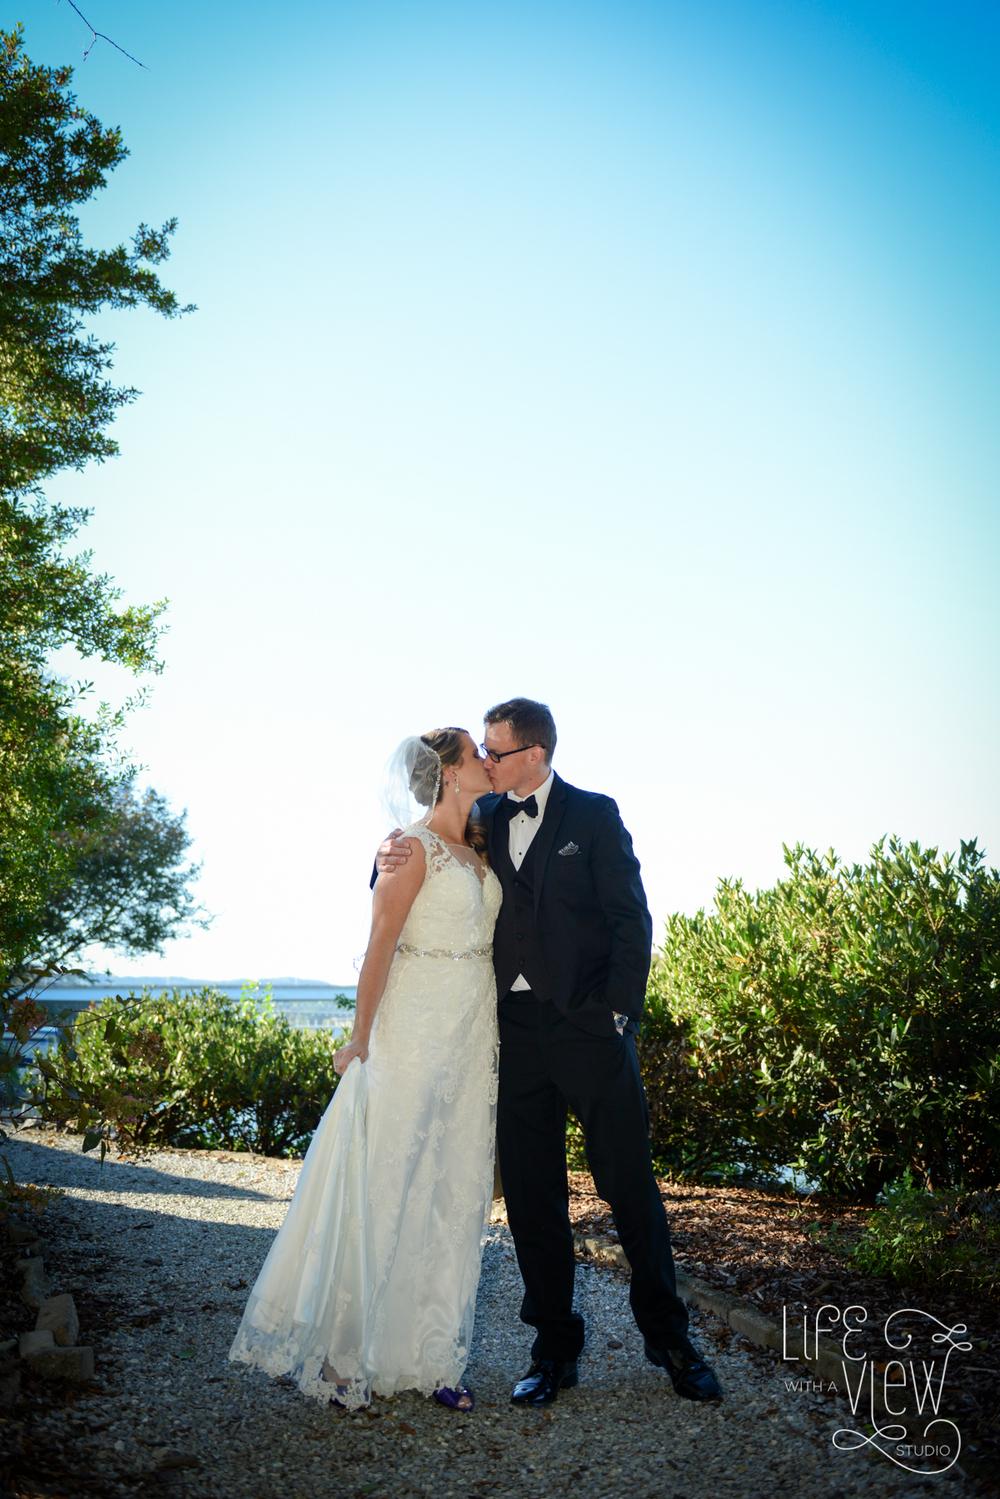 Manker-Patten-Wedding-26.jpg